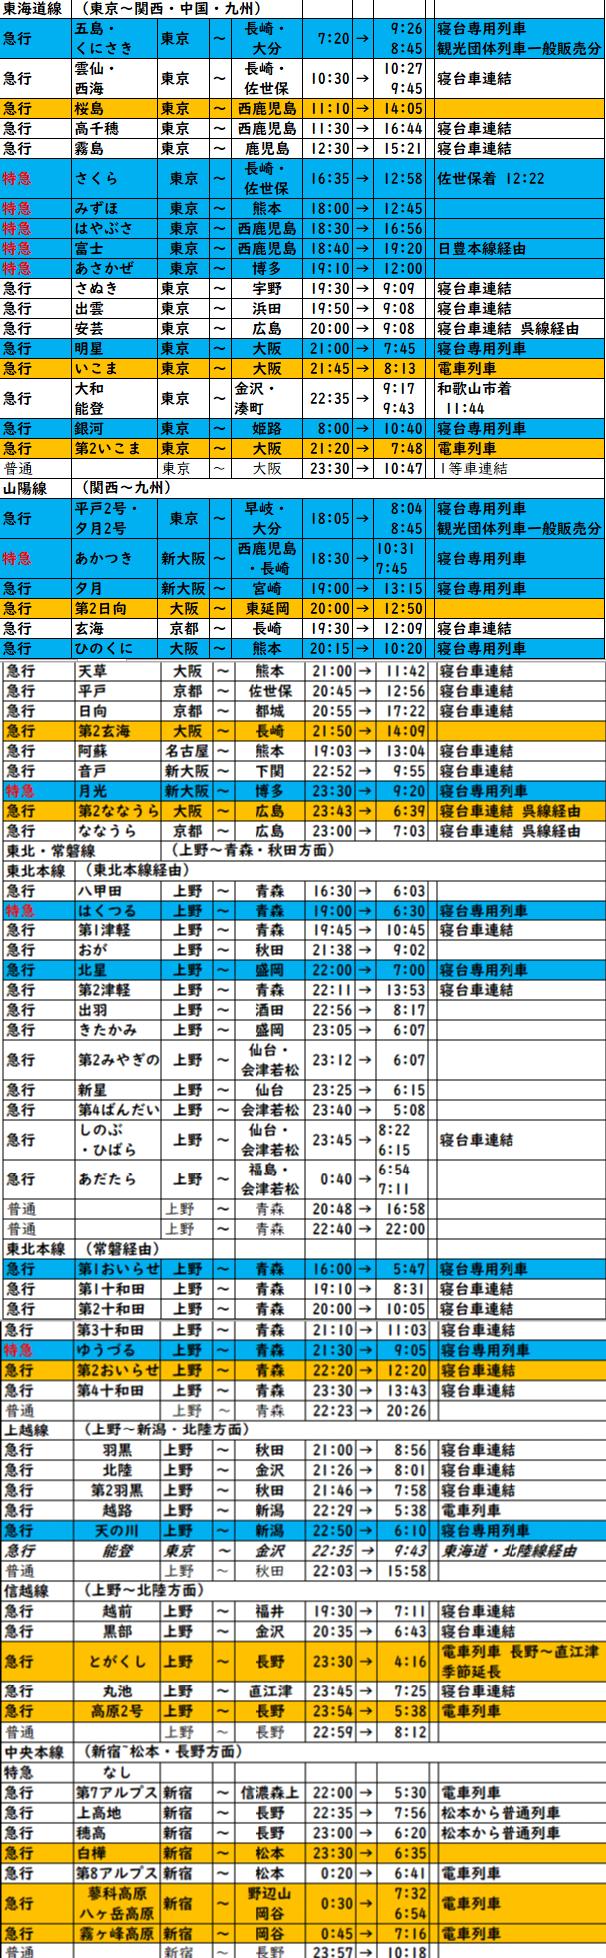 2020-07-08 s42a